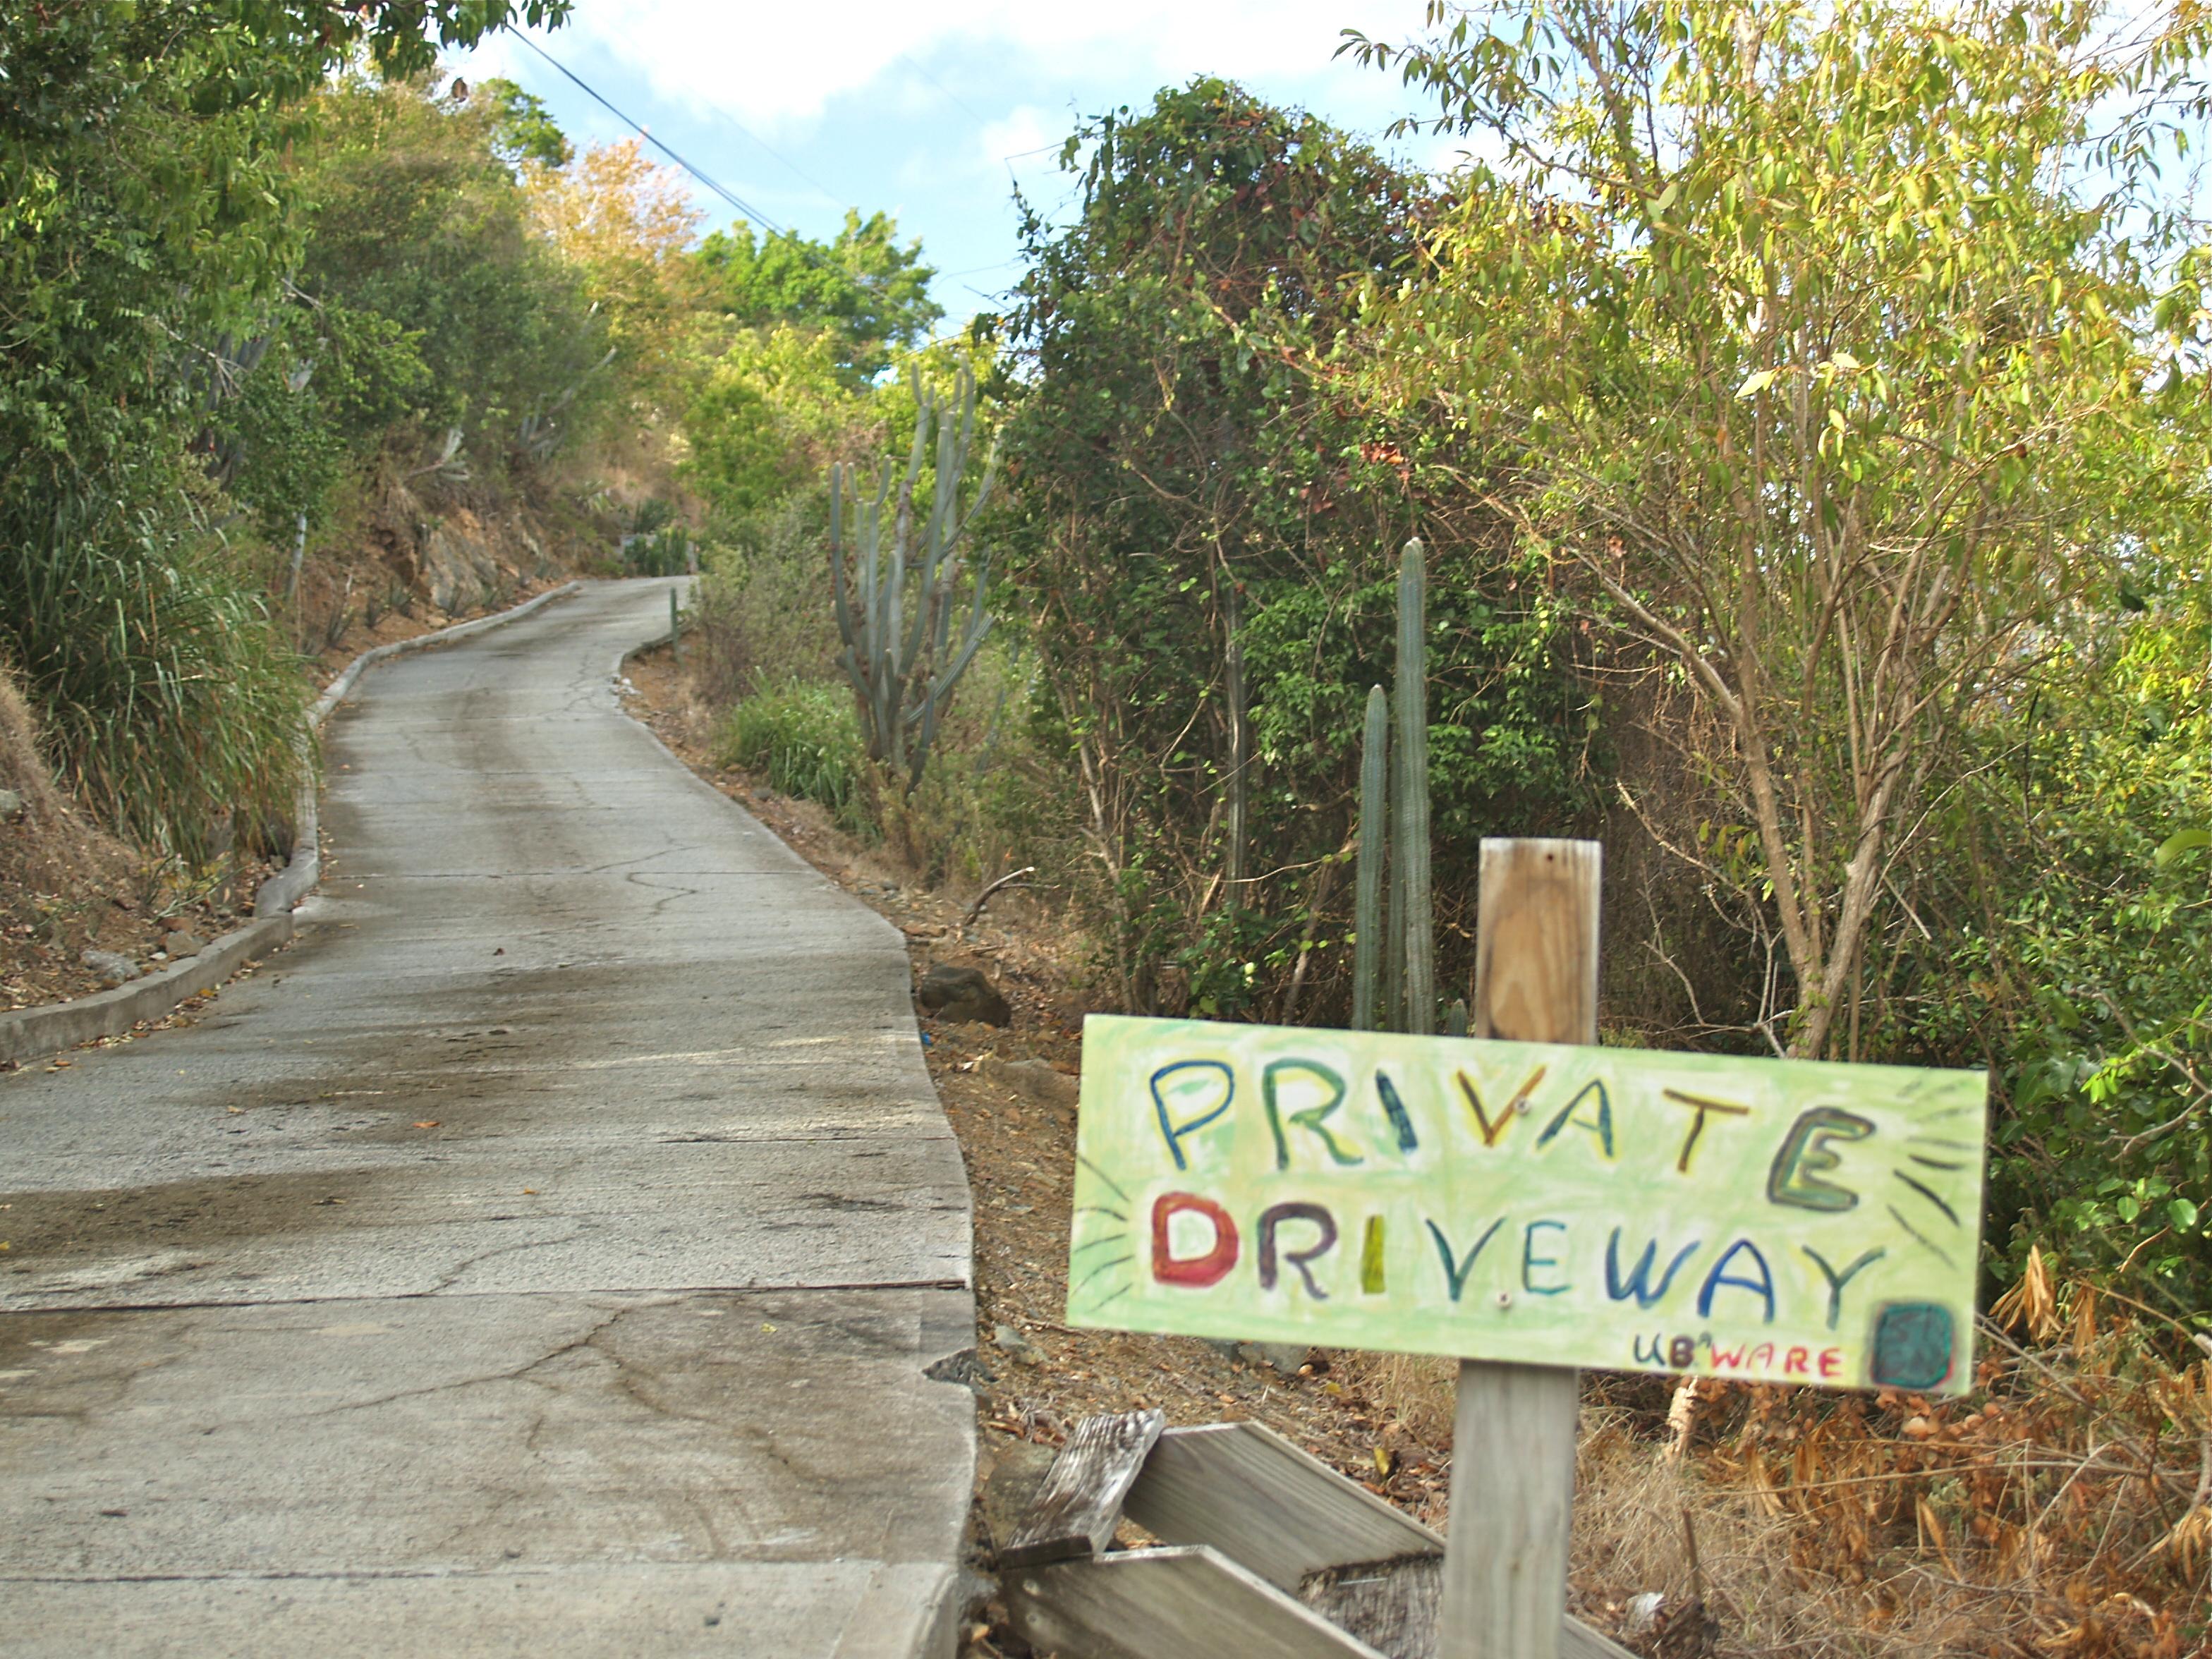 Private. U.B. Ware